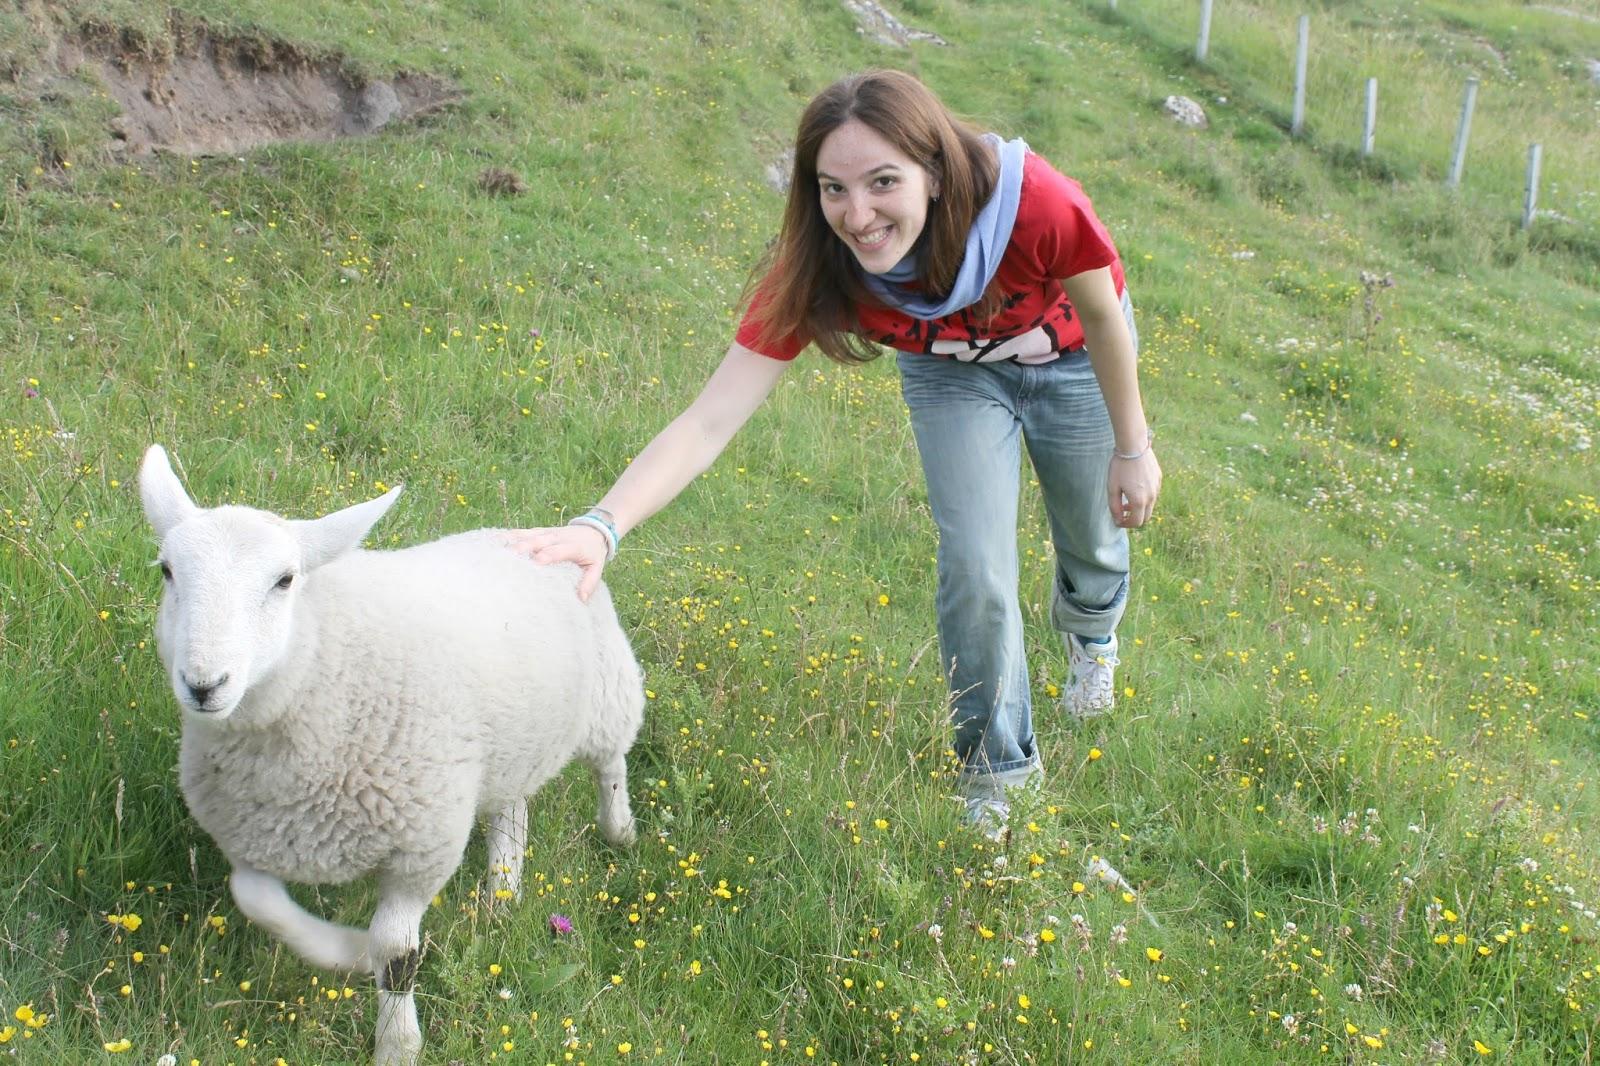 Stupore quotidiano la leggenda delle pecore di scozia - La pagina della colorazione delle pecore smarrite ...